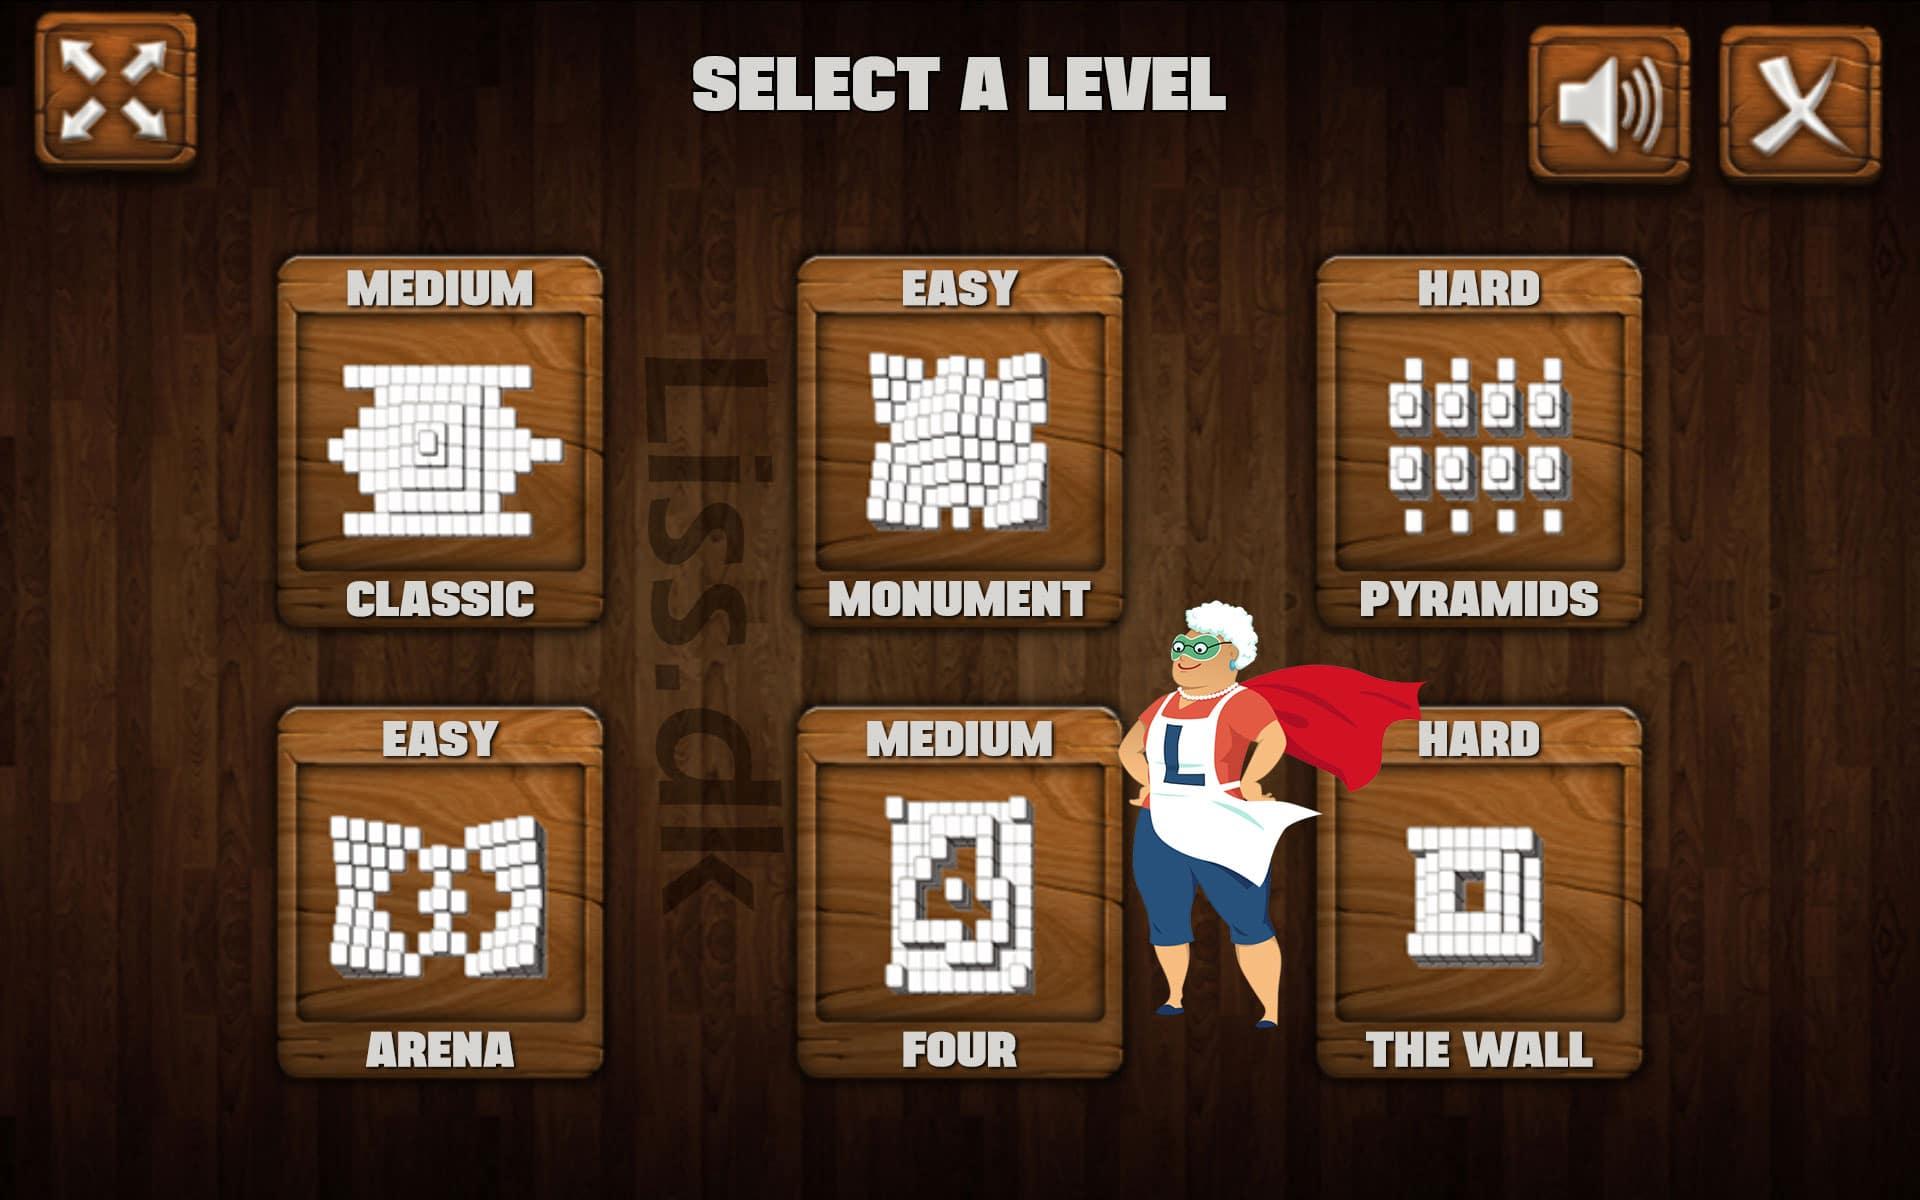 Flere gratis Mahjong spil at vælge imellem